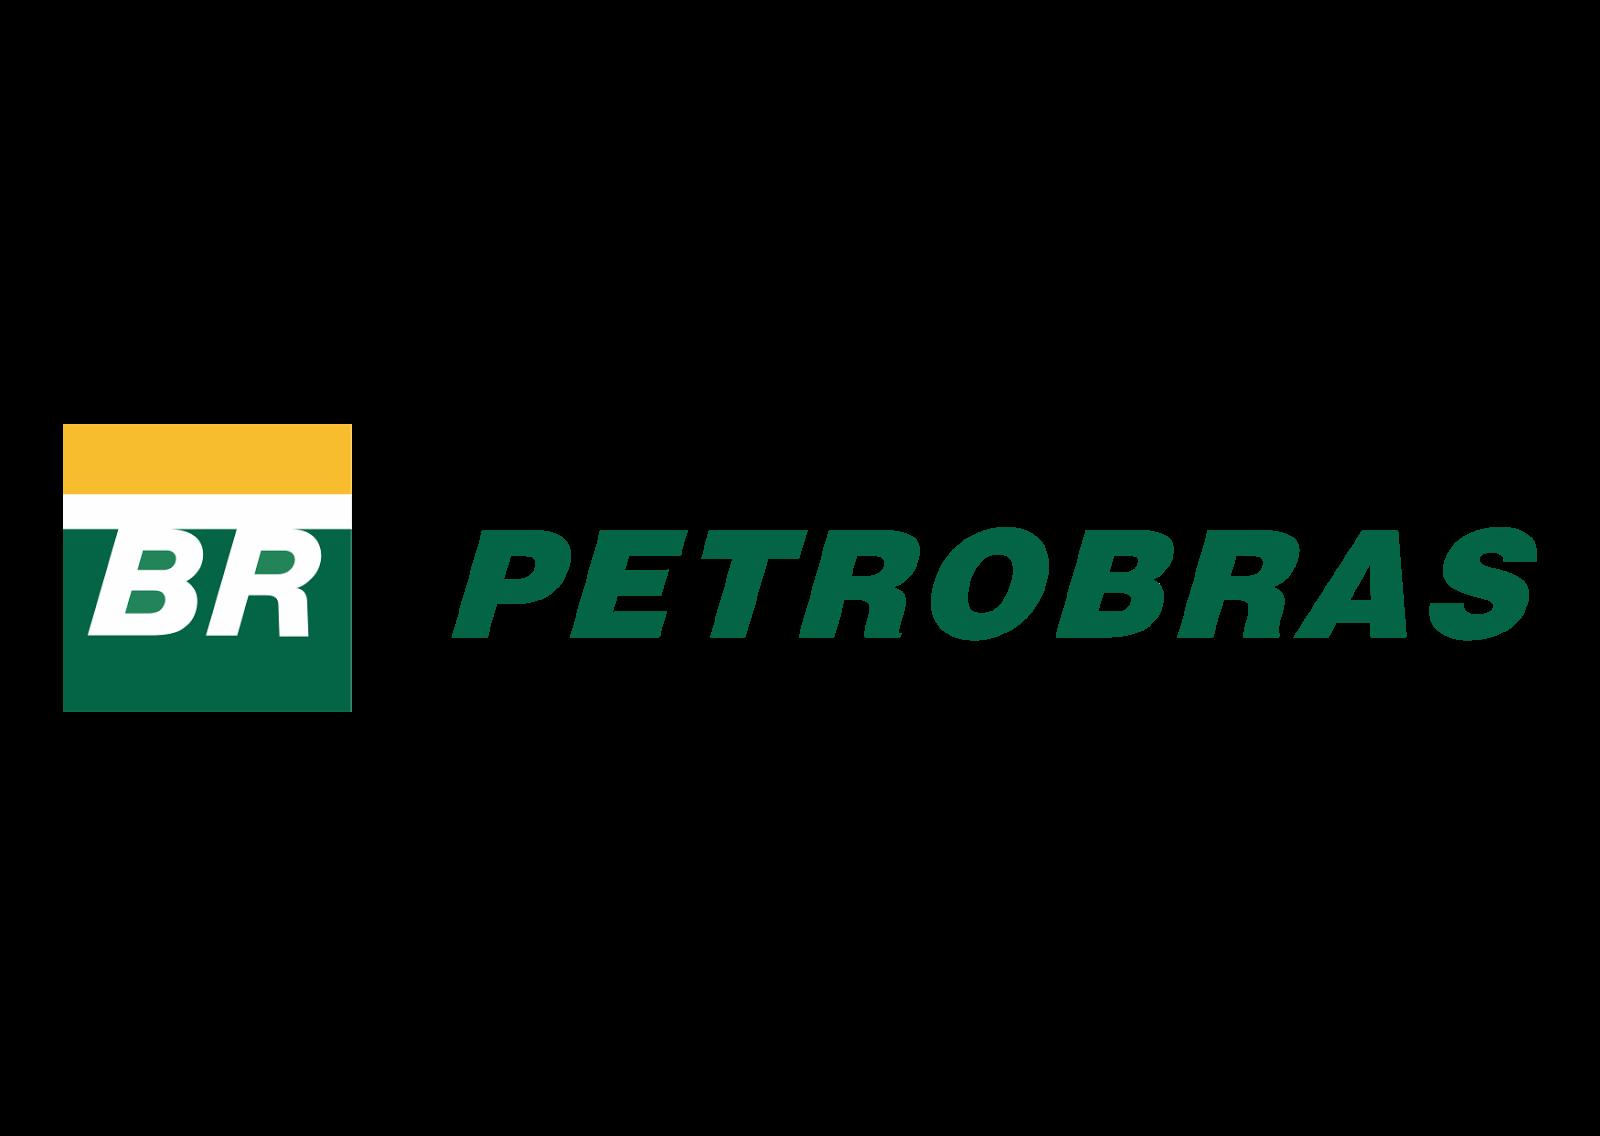 BR Petrobras Logo Vector - Petrobras Logo Eps PNG